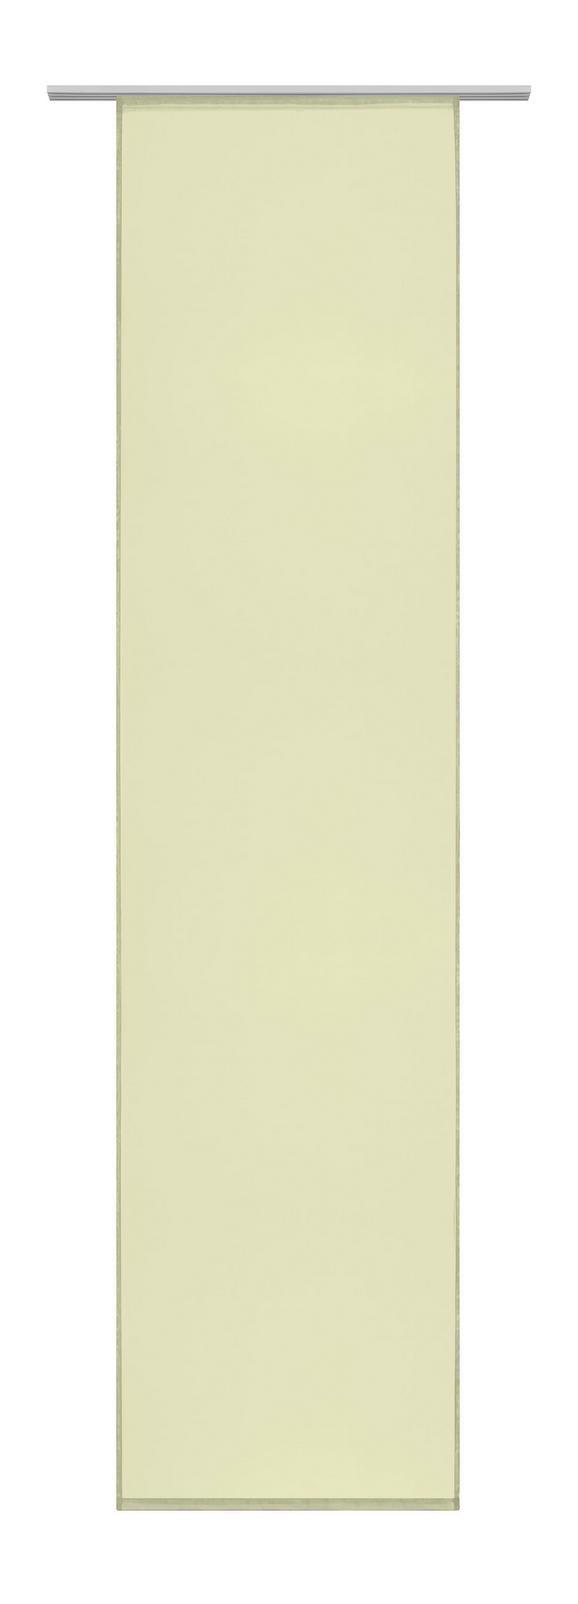 Flächenvorhang Flipp Grün 60x245cm - Grün, Textil (60/245cm) - Mömax modern living